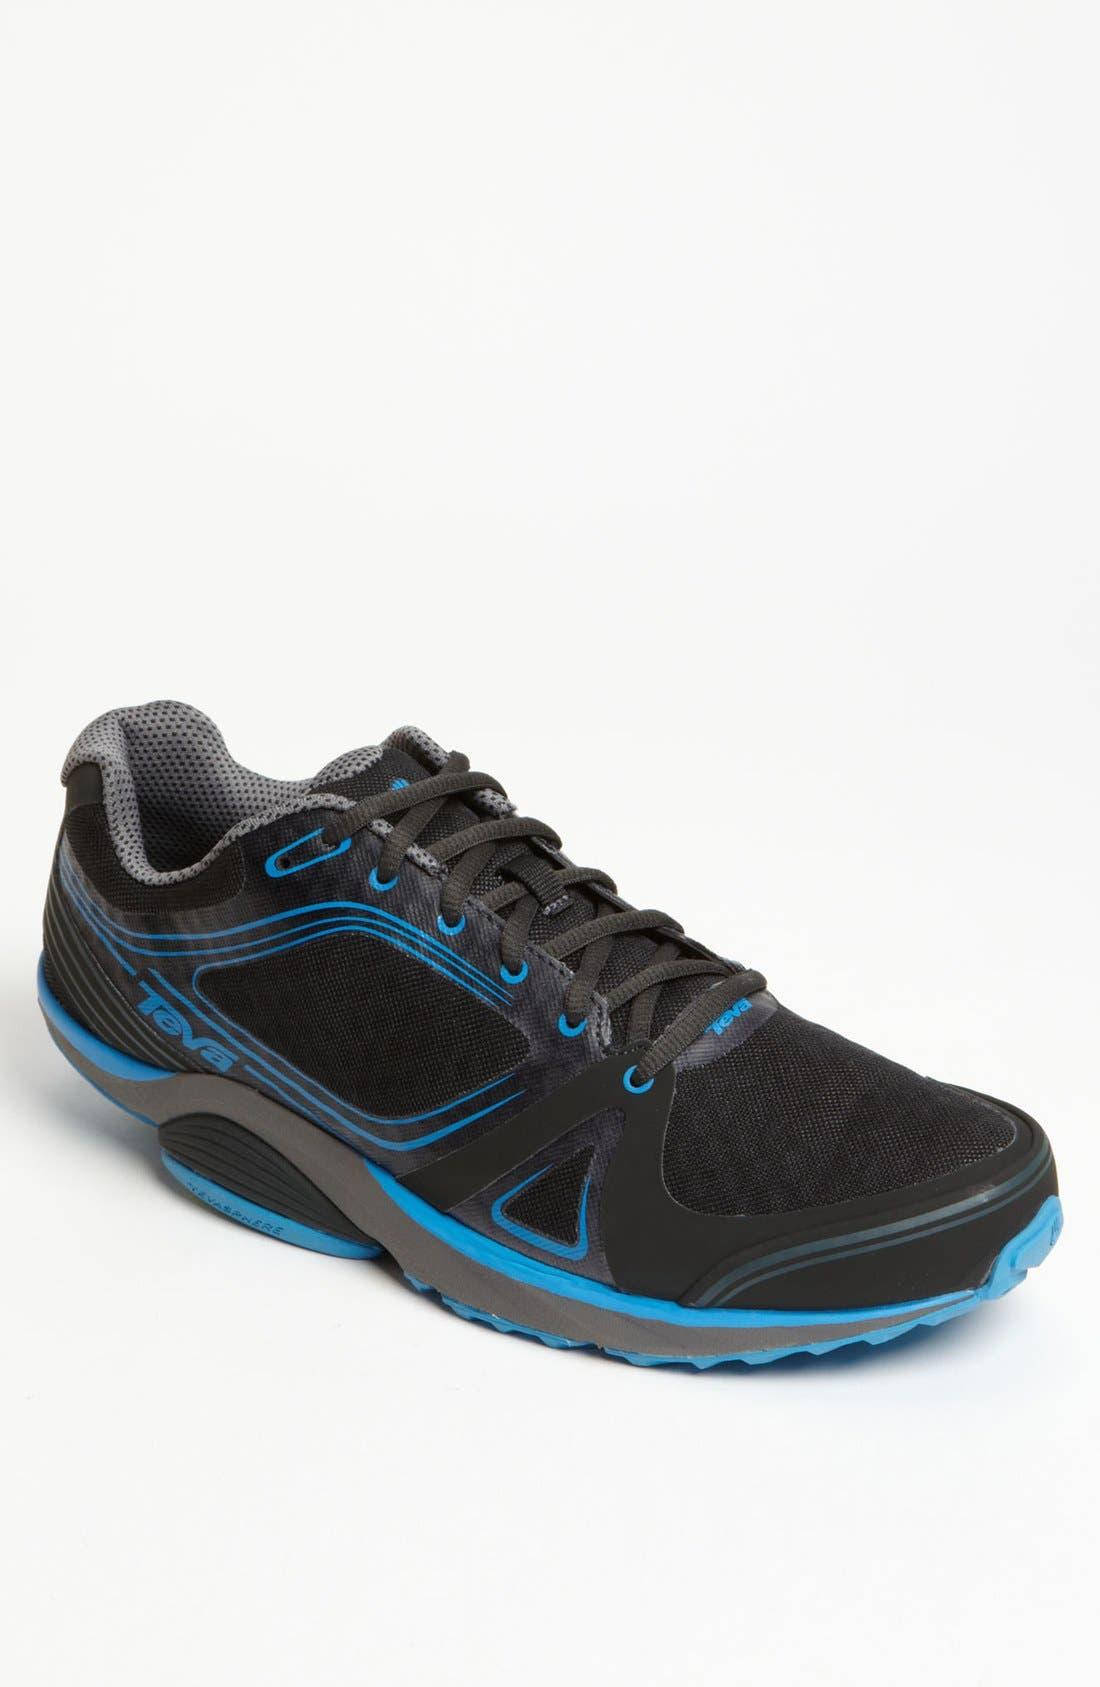 Alternate Image 1 Selected - Teva 'TevaSphere Speed' Trail Running Shoe (Men)